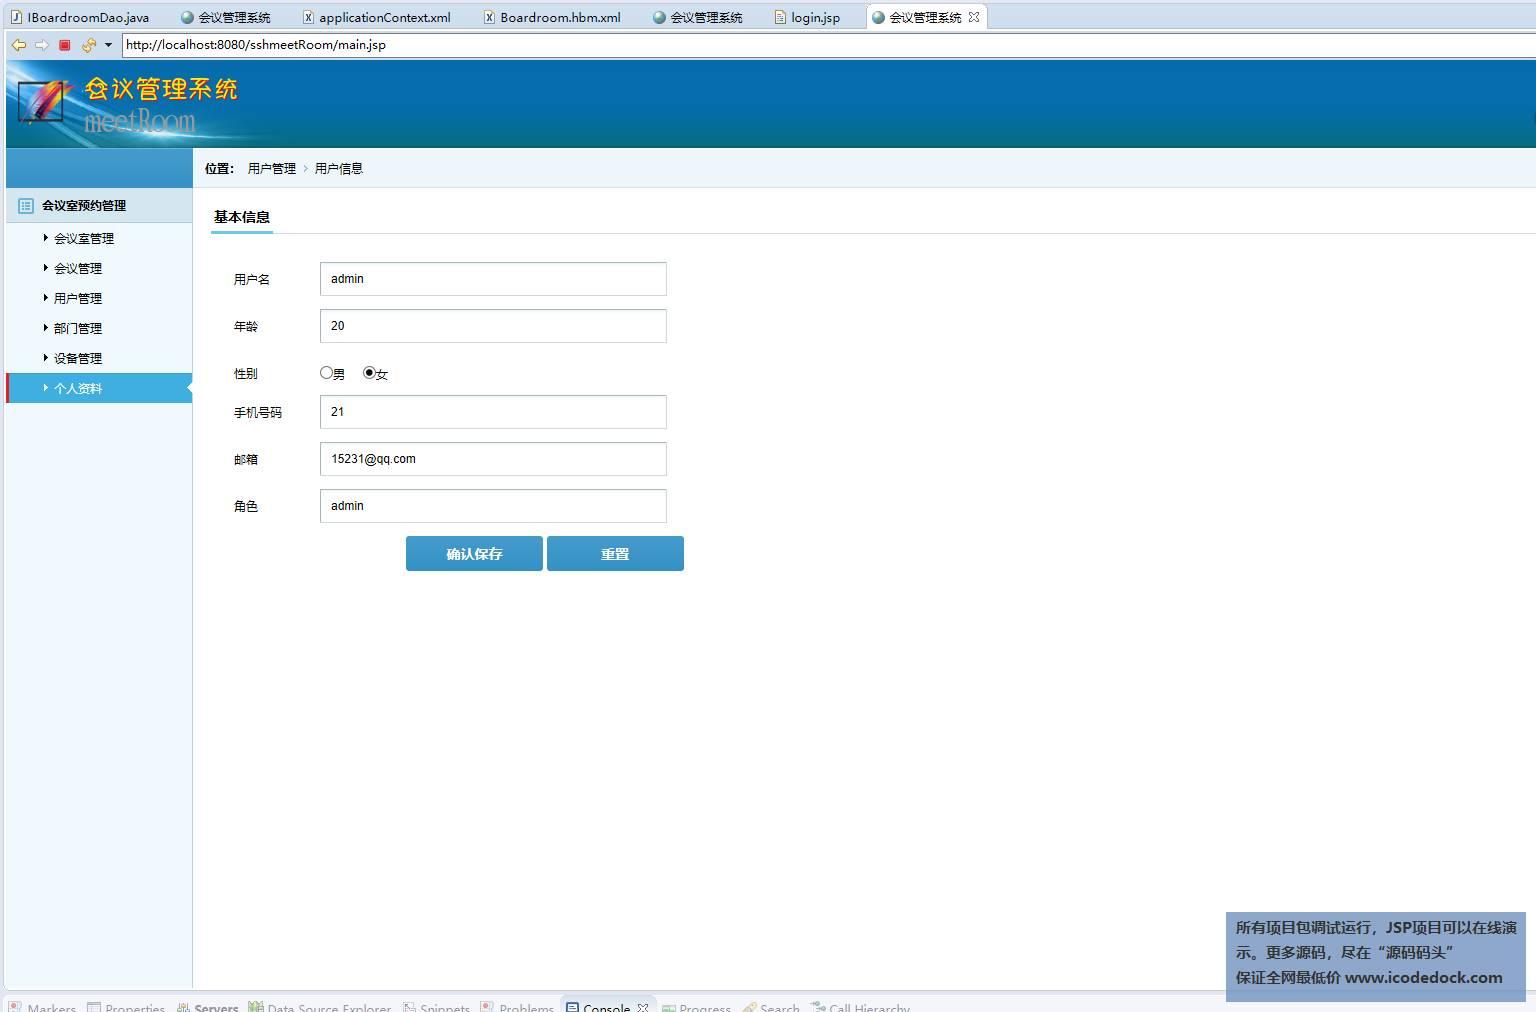 源码码头-SSH会议室管理系统-管理员角色-个人资料修改